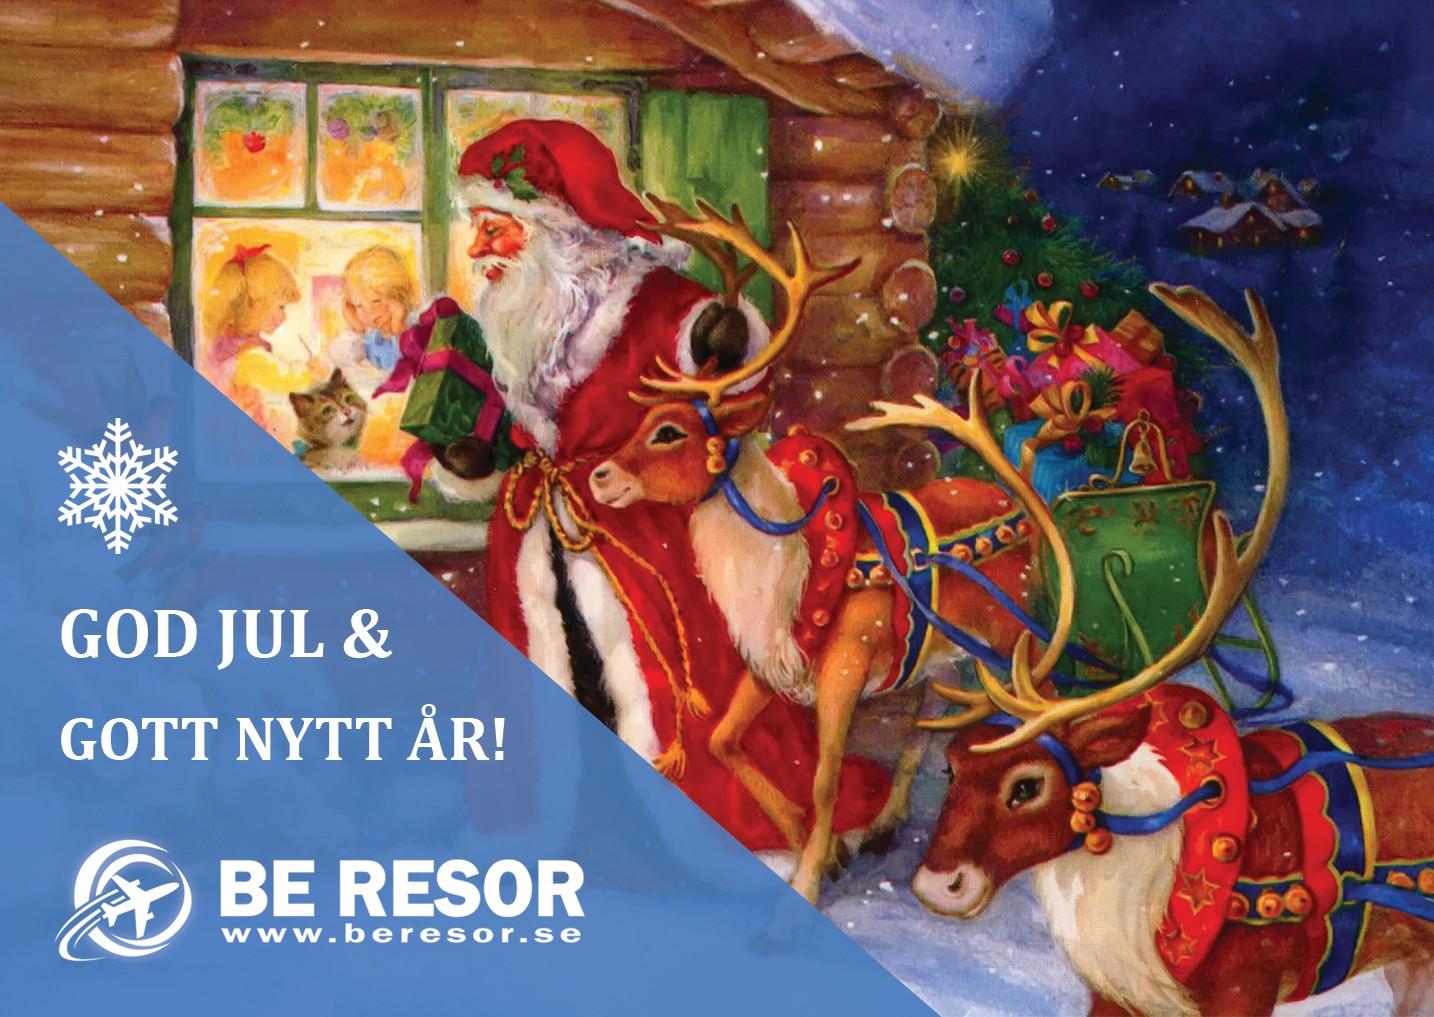 God jul önskar BE Resor AB